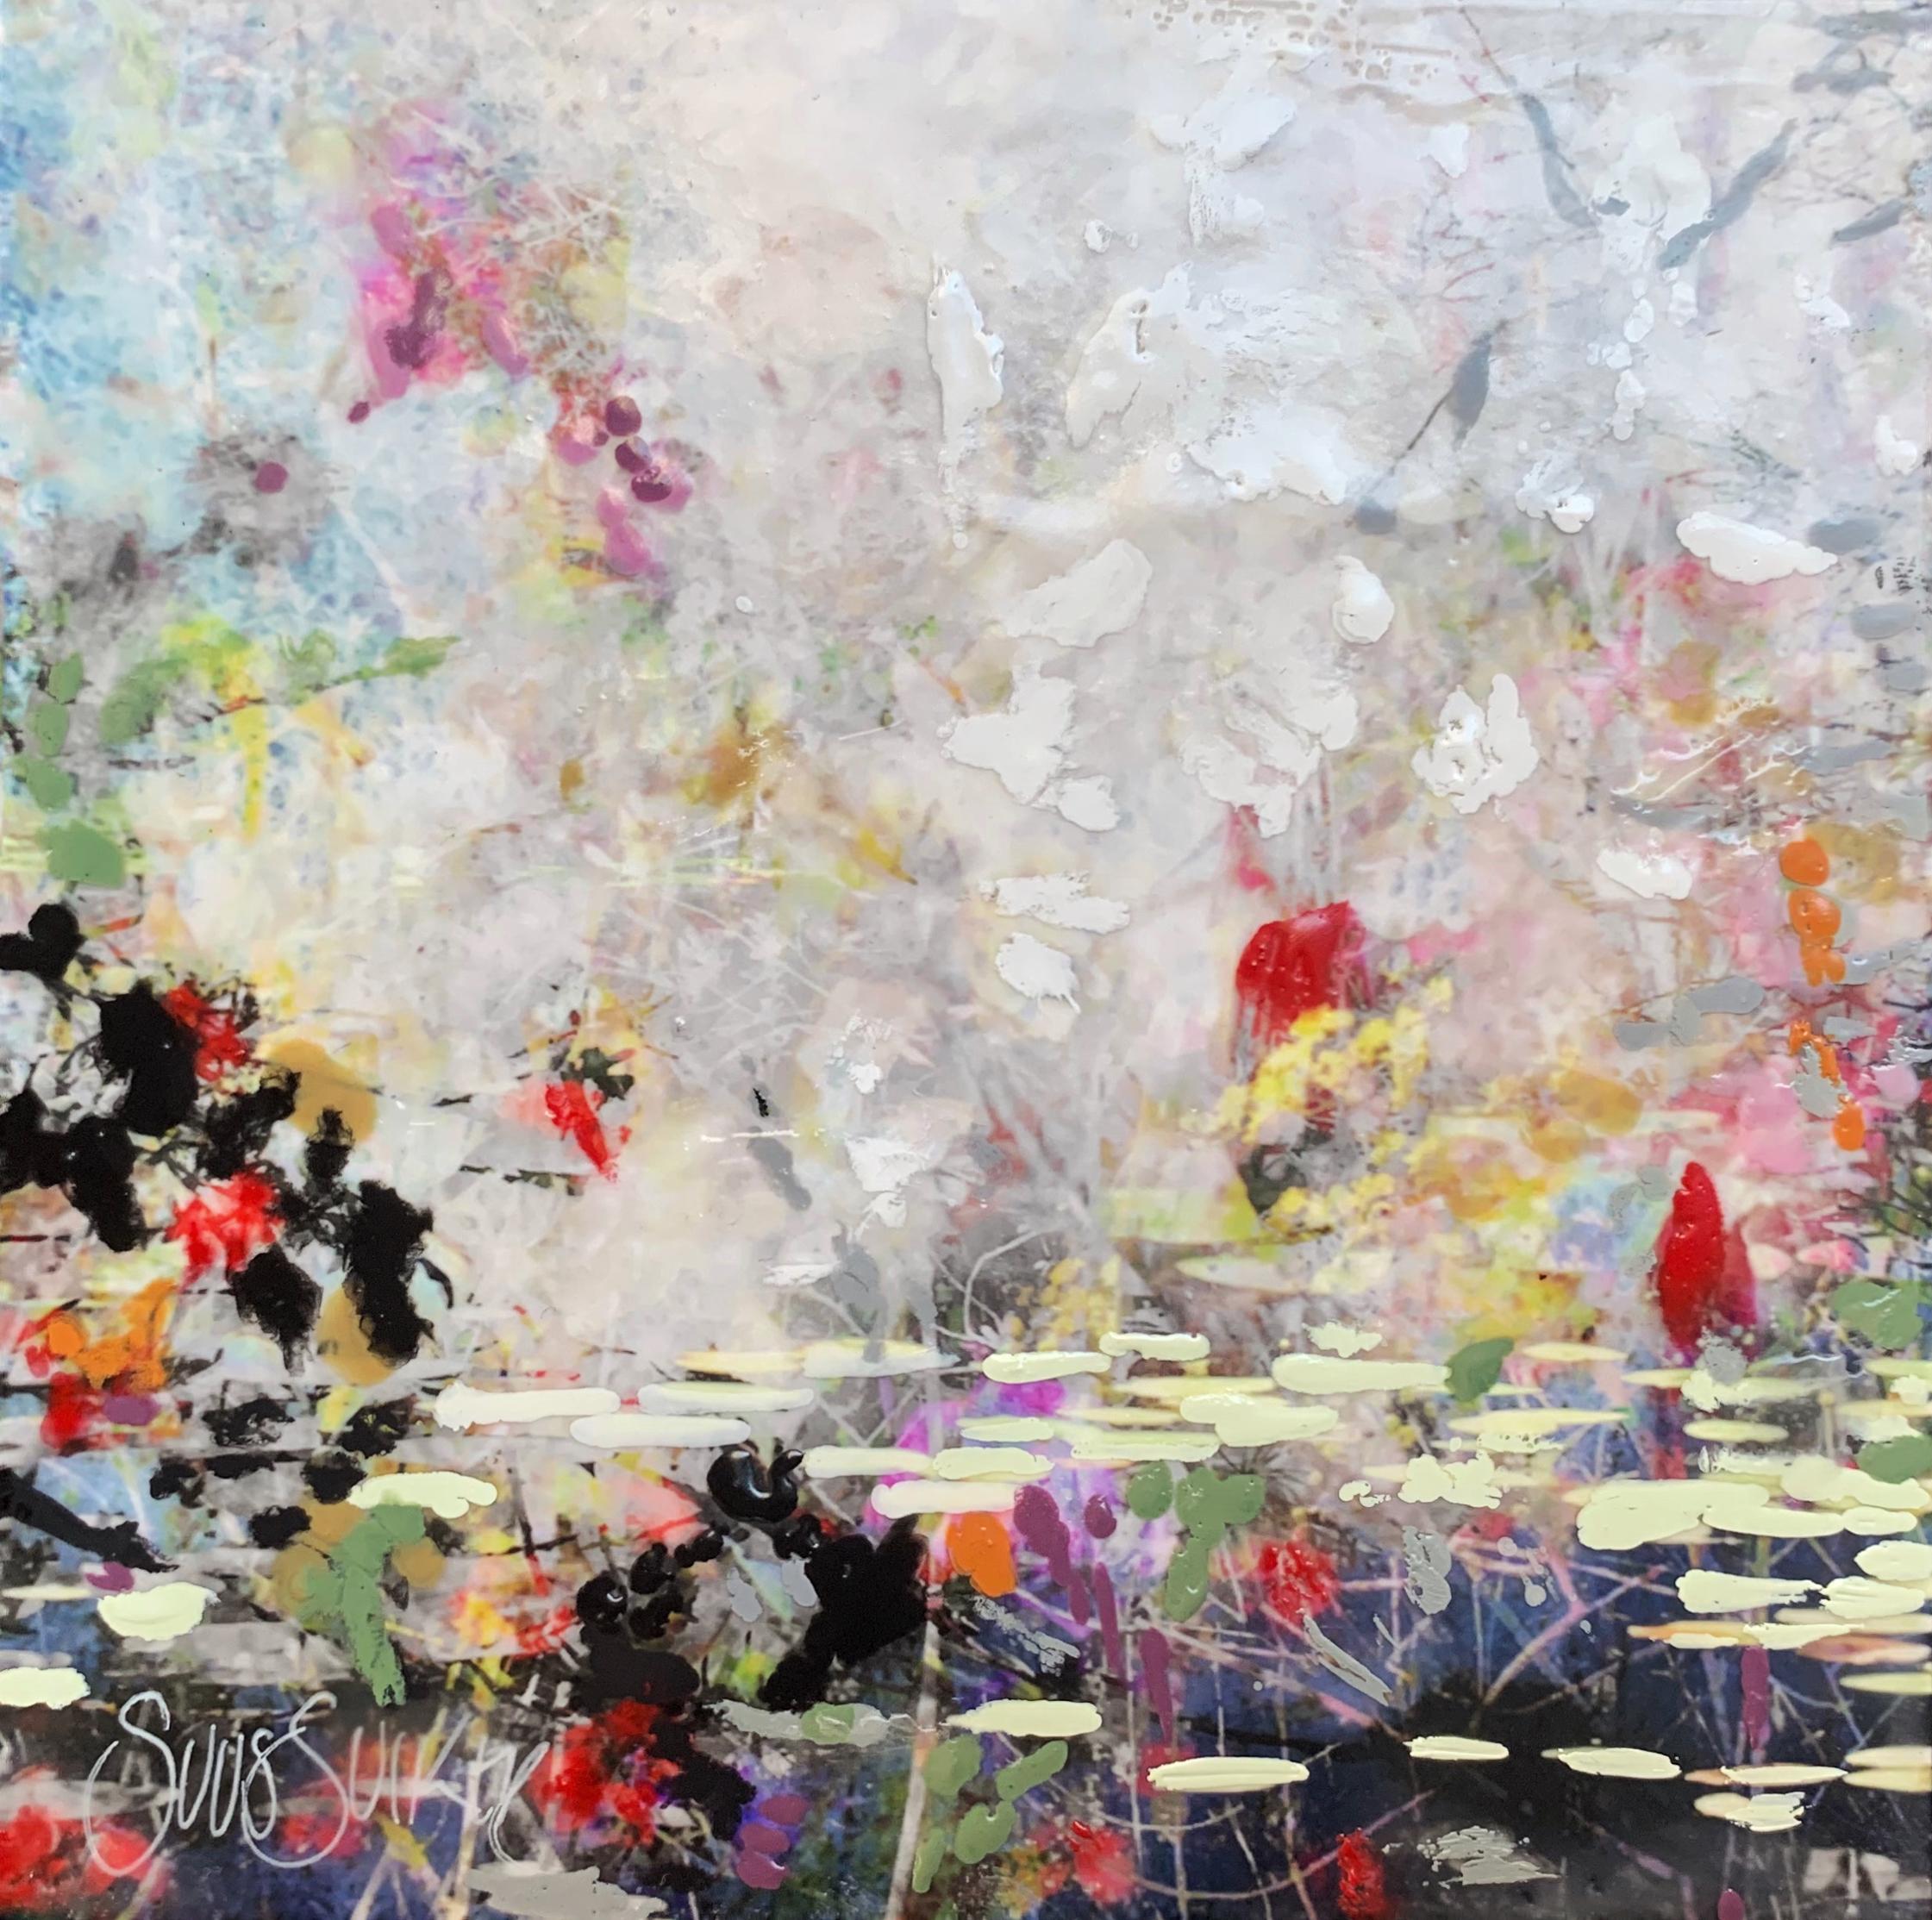 Kunst: Symbiose 15-07 van kunstenaar Suus Suiker